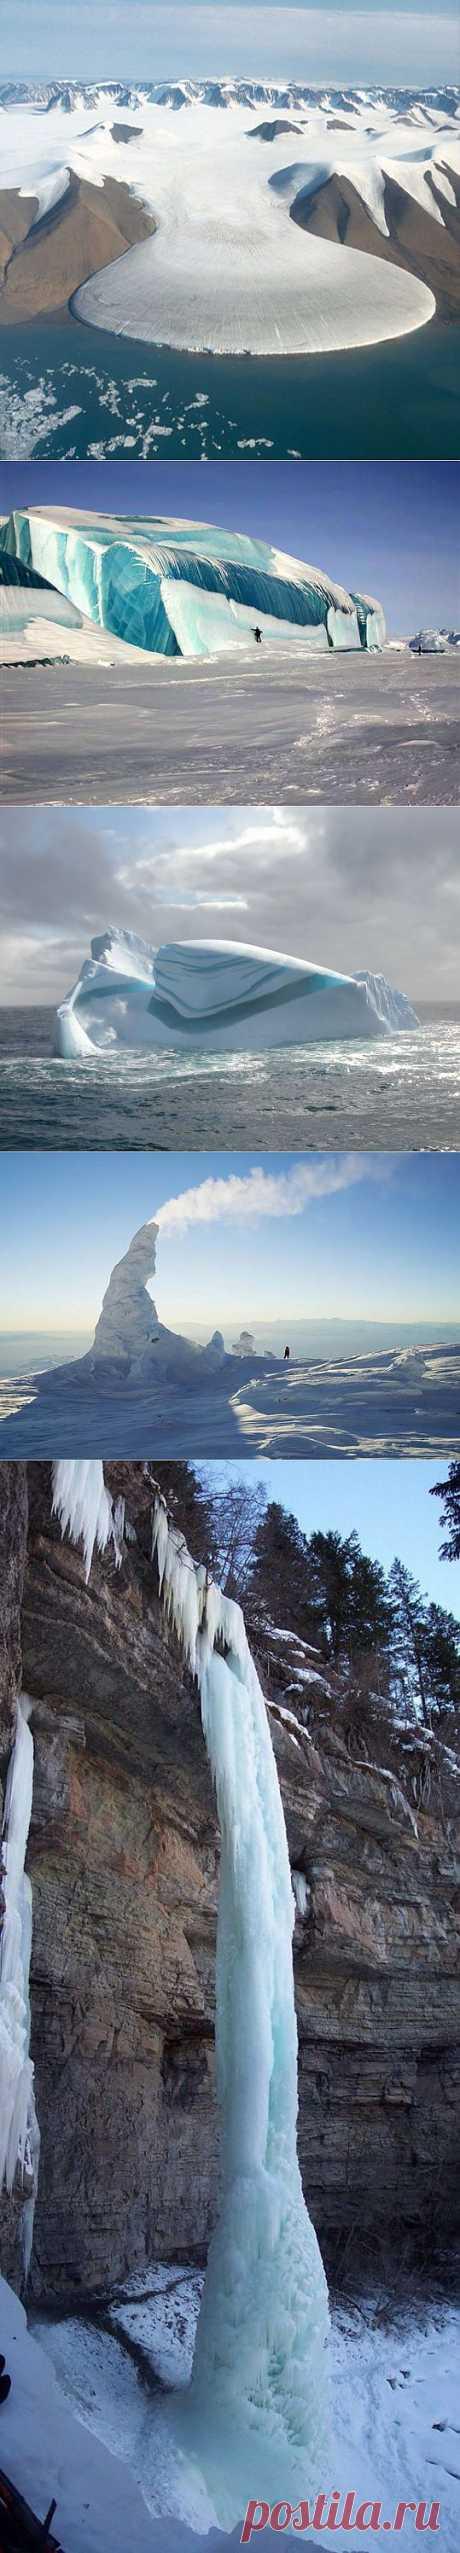 12 удивительных ледяных чудес природы | ЛЮБИТЕЛИ ПУТЕШЕСТВОВАТЬ